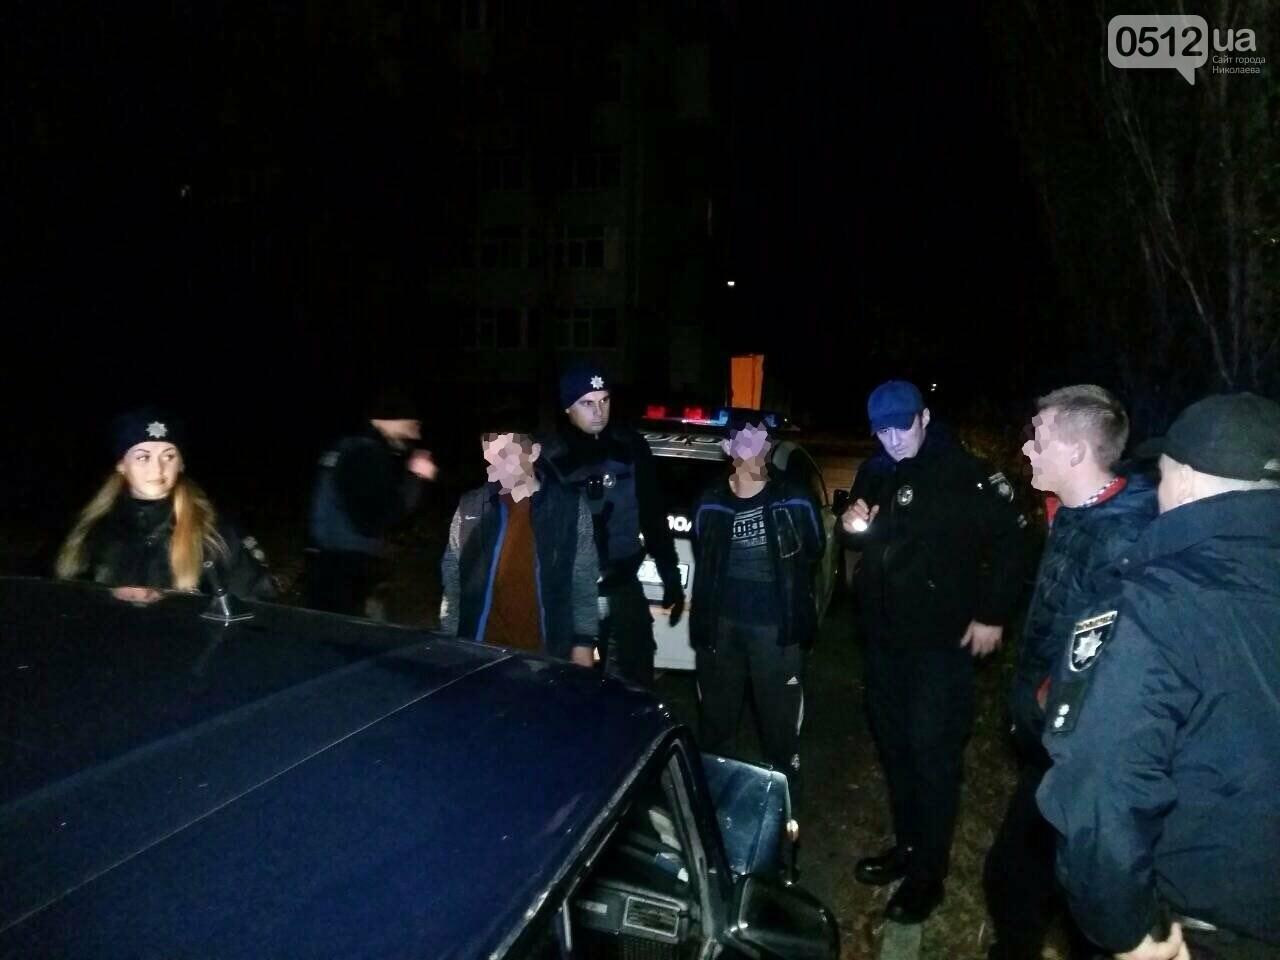 Ночью в Николаеве трое мужчин напали и ограбили снимавшего сюжет журналиста (ФОТО, ВИДЕО), фото-2